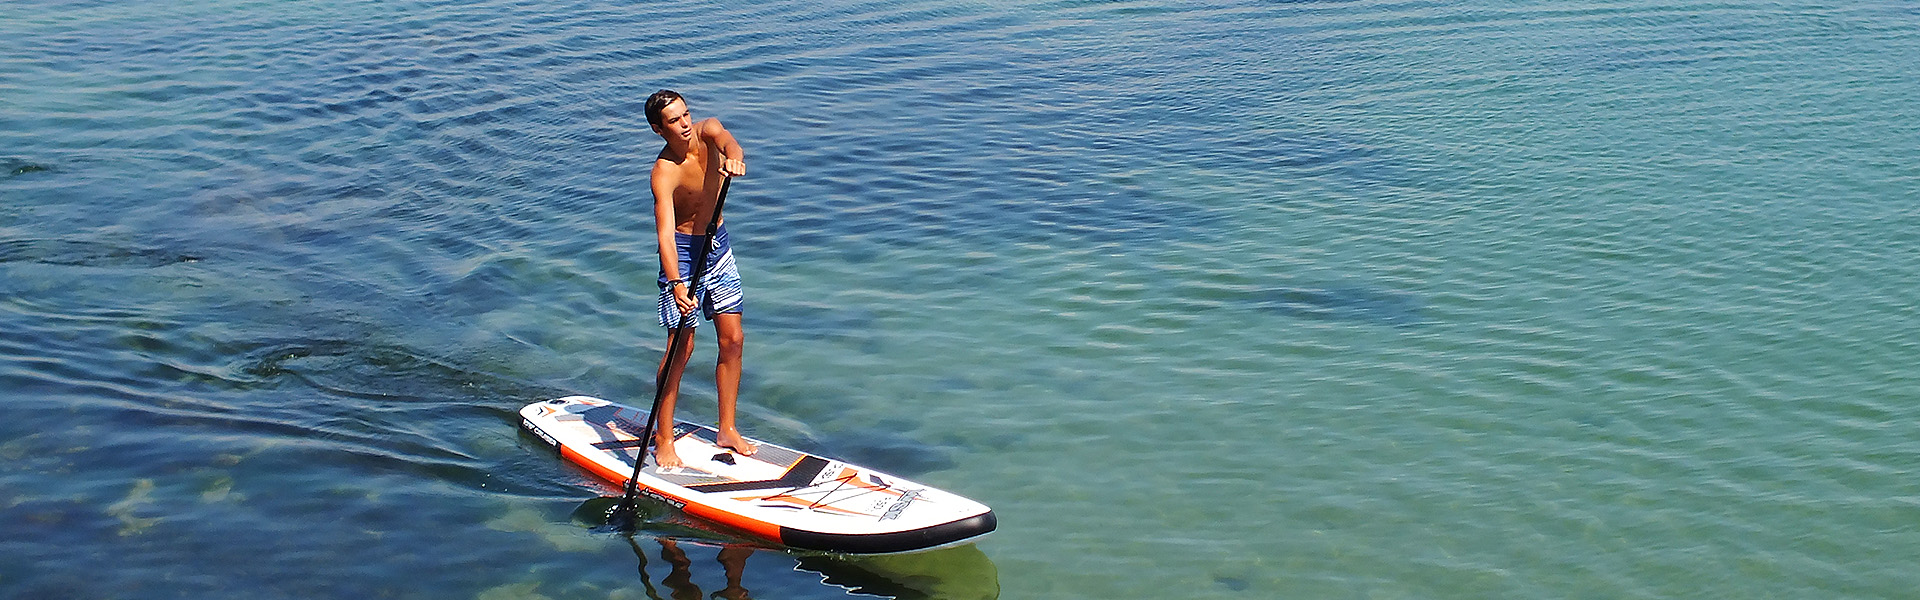 Vente directe de paddles gonflables